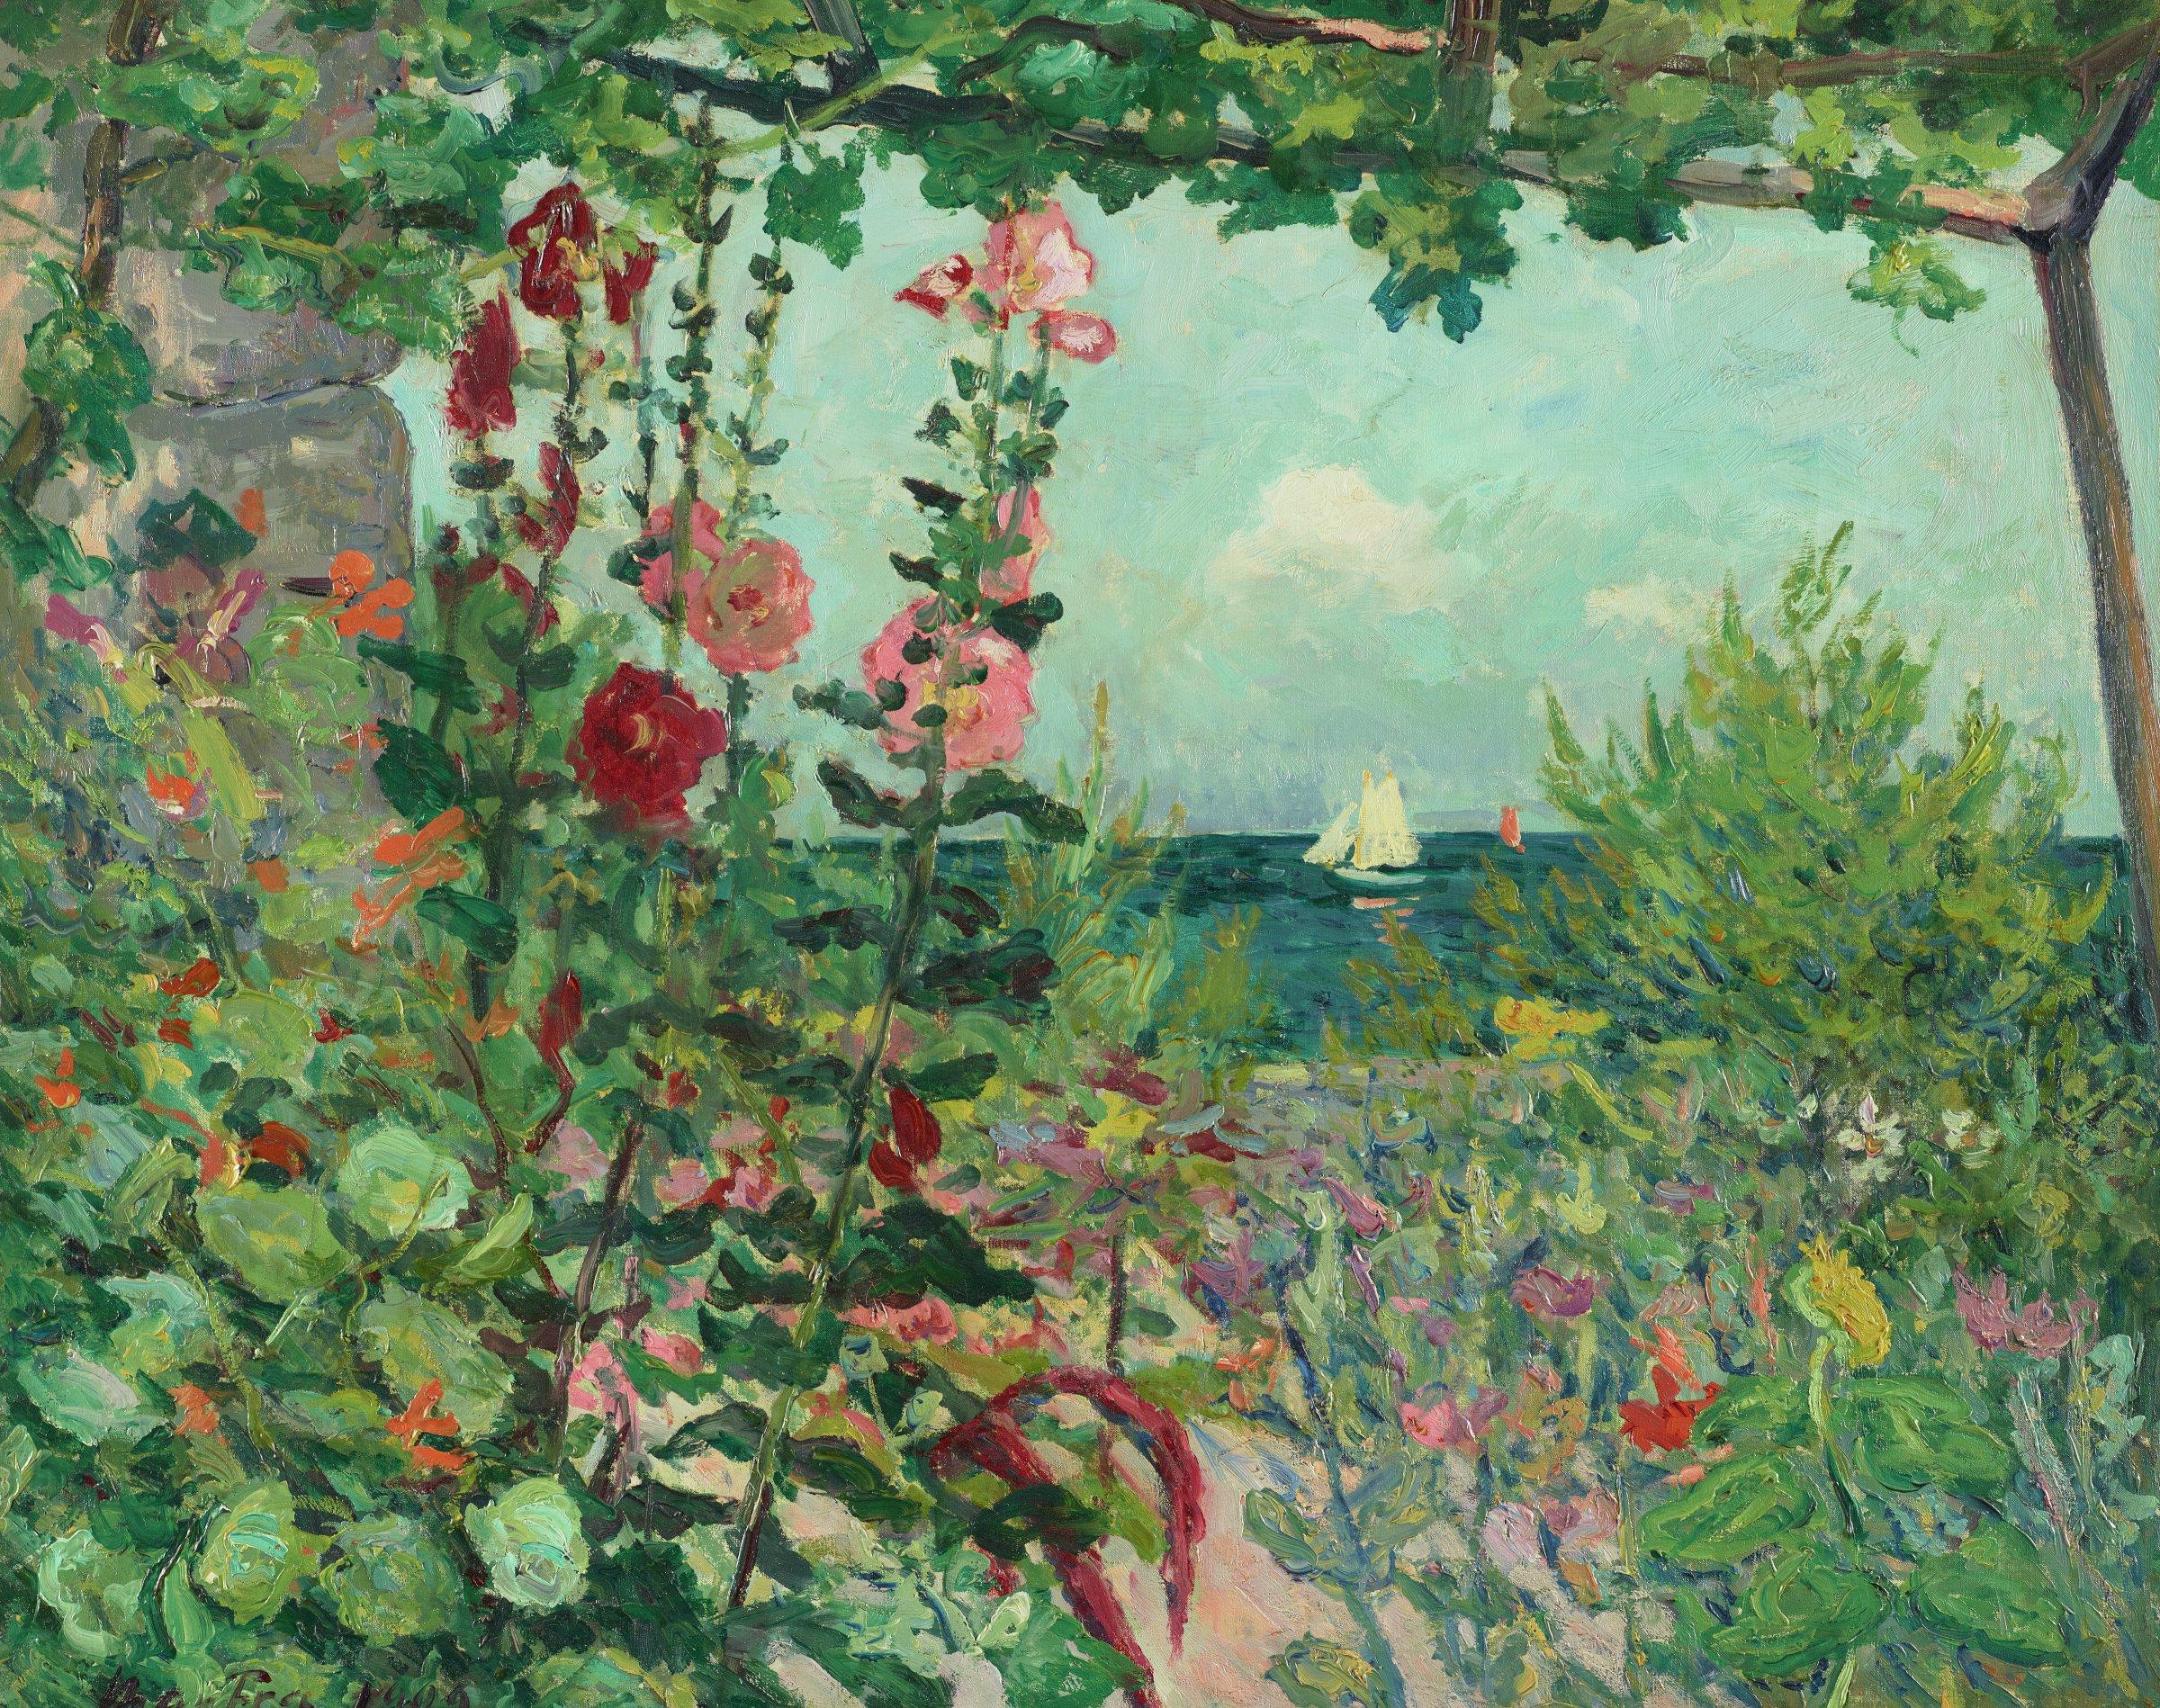 Fleurs au Bord Belle-île-en-Mer (Flowers near Belle-île-en-Mer), Maxime Maufra, oil on canvas